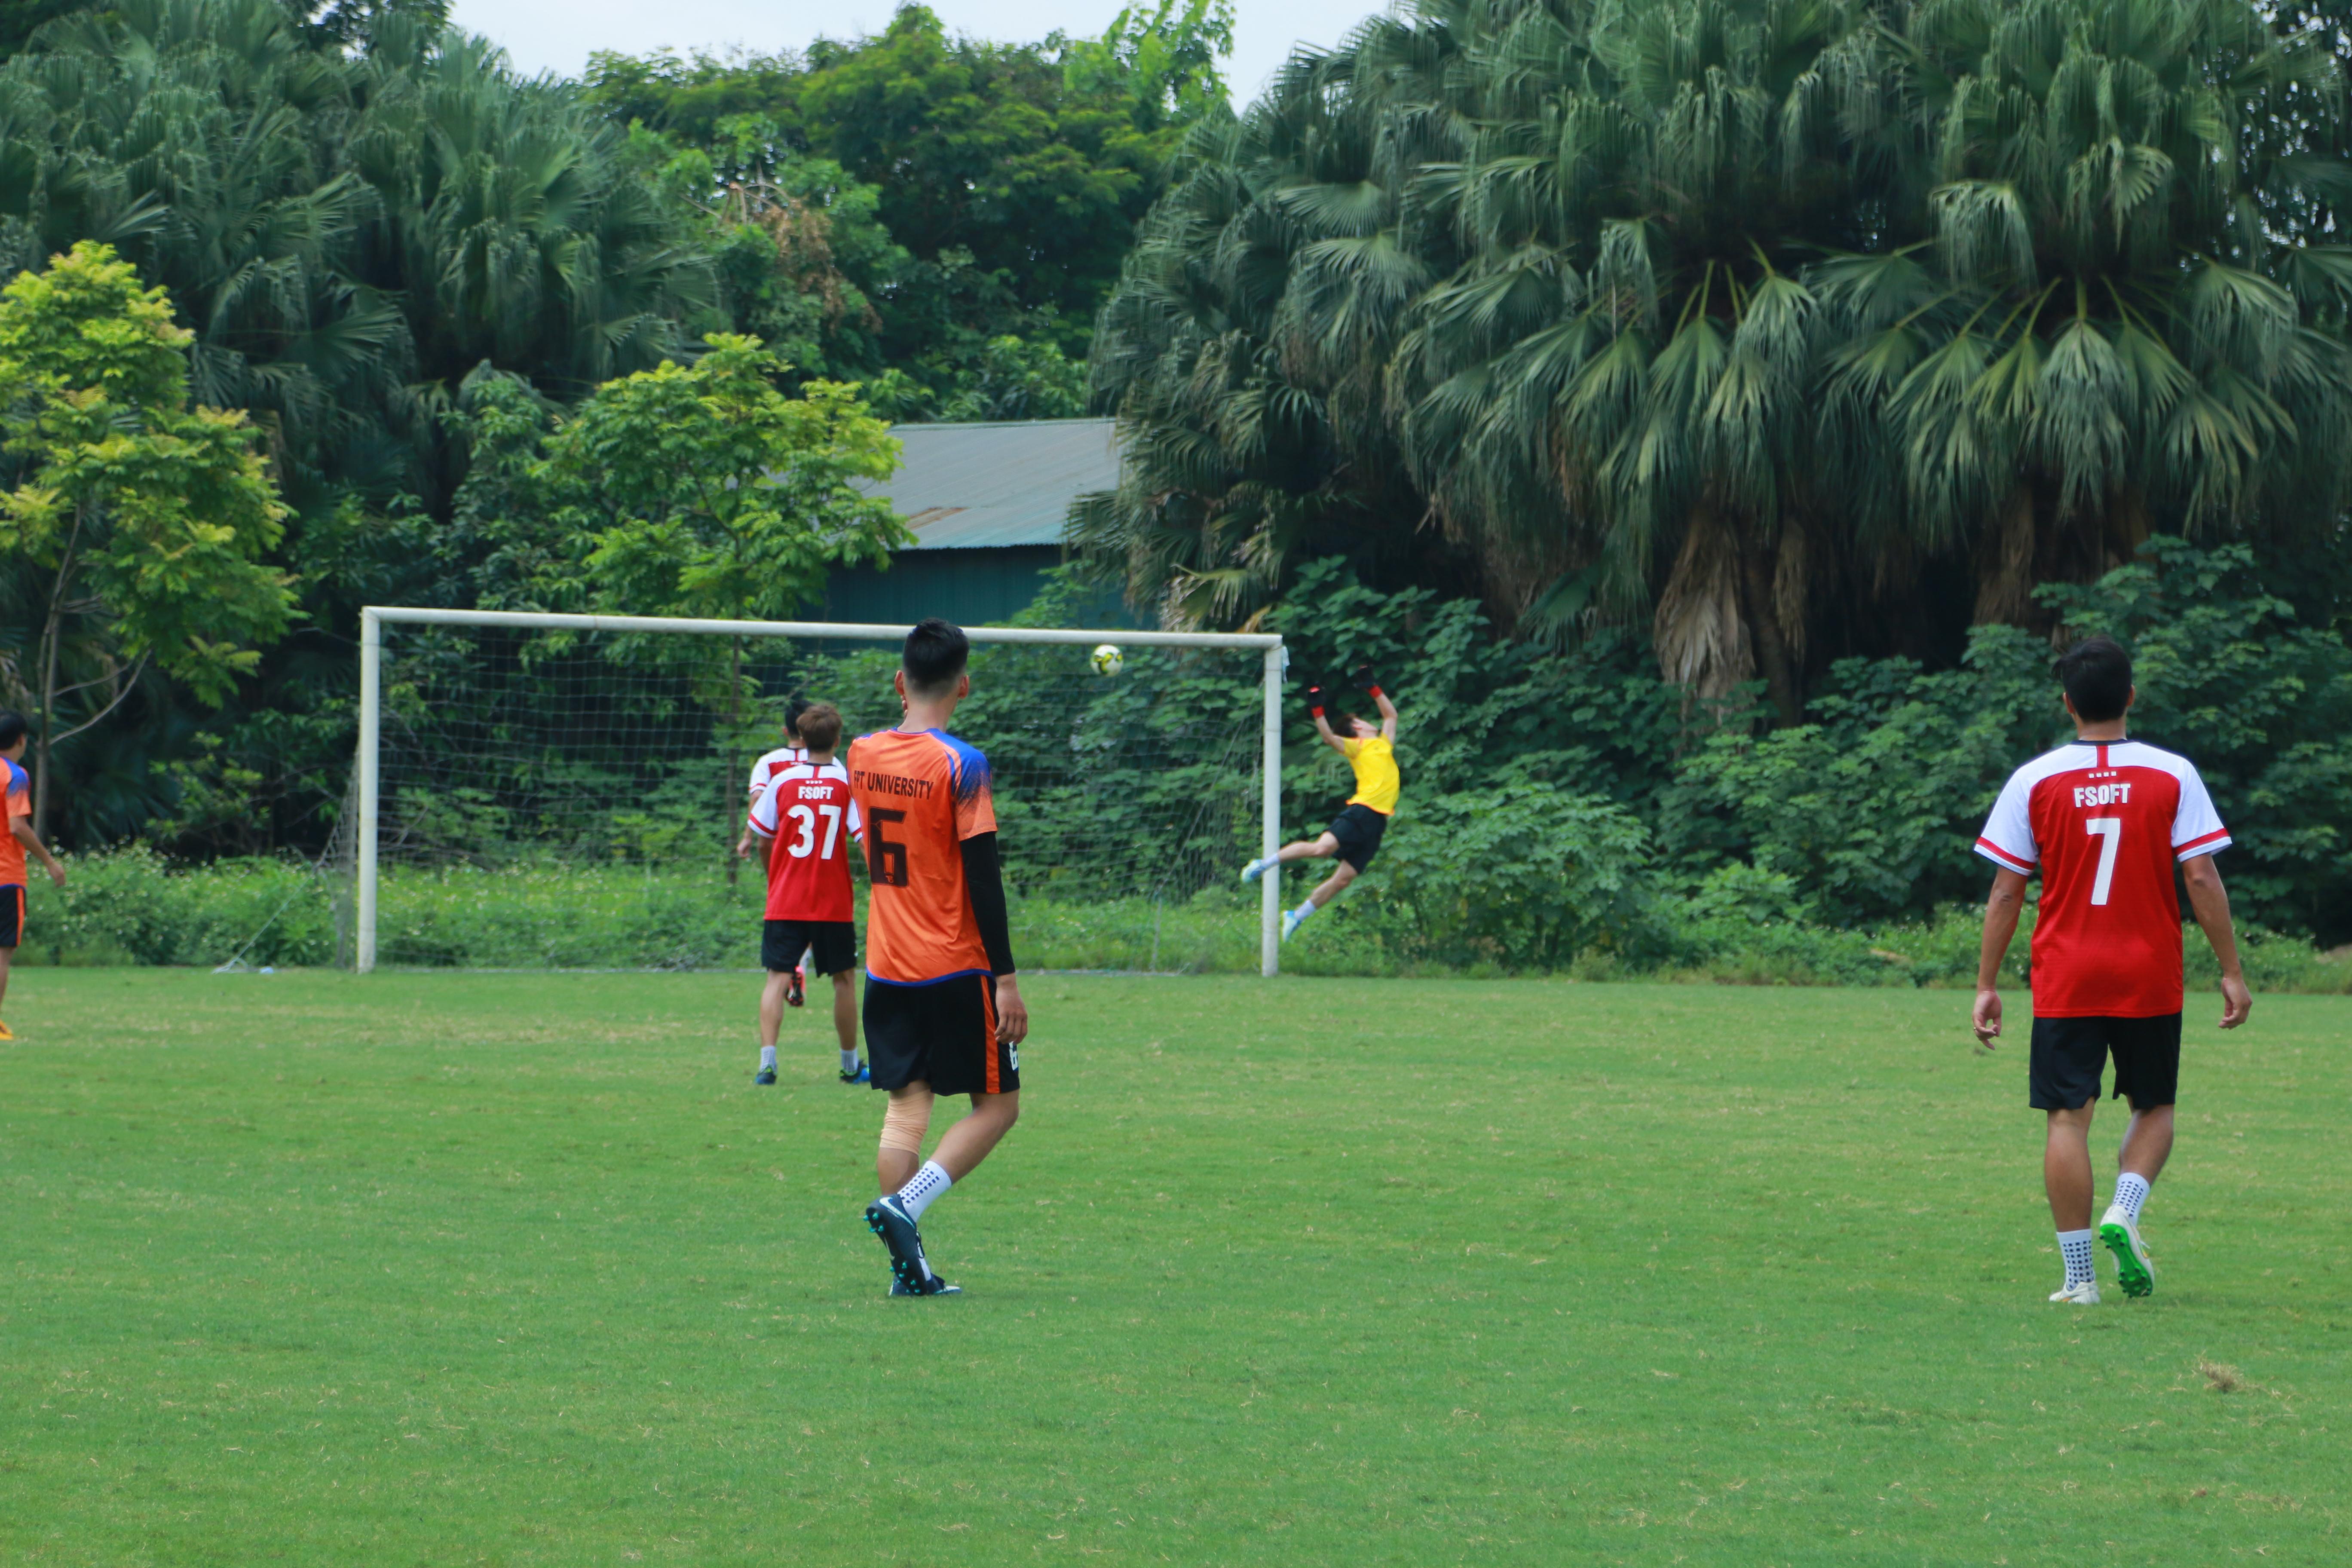 """Trận thứ hai của vòng 4 giải bóng đá FPT Cup 2019 diễn ra giữa FPT Software và FPT Education. Các cầu thủ nhà Phần mềm mặc áo đỏ còn các cầu thủ nhà Giáo dục mặc áo cam. Ngay phút thứ 5 của hiệp một, FPT Software đã mở tỷ số trước với bàn thắng được ghi từ chân sút Trần Trọng Tâm. Các cầu thủ áo đỏ tiếp tục dâng cao đội hình sau đó, với pha sút xa đẹp mắt từ vòng 16m50 của cầu thủ Nguyễn Văn Trung, đã """"hạ gục"""" thủ môn đối phương, sau sự phối hợp nhanh từ khu vực giữa sân."""